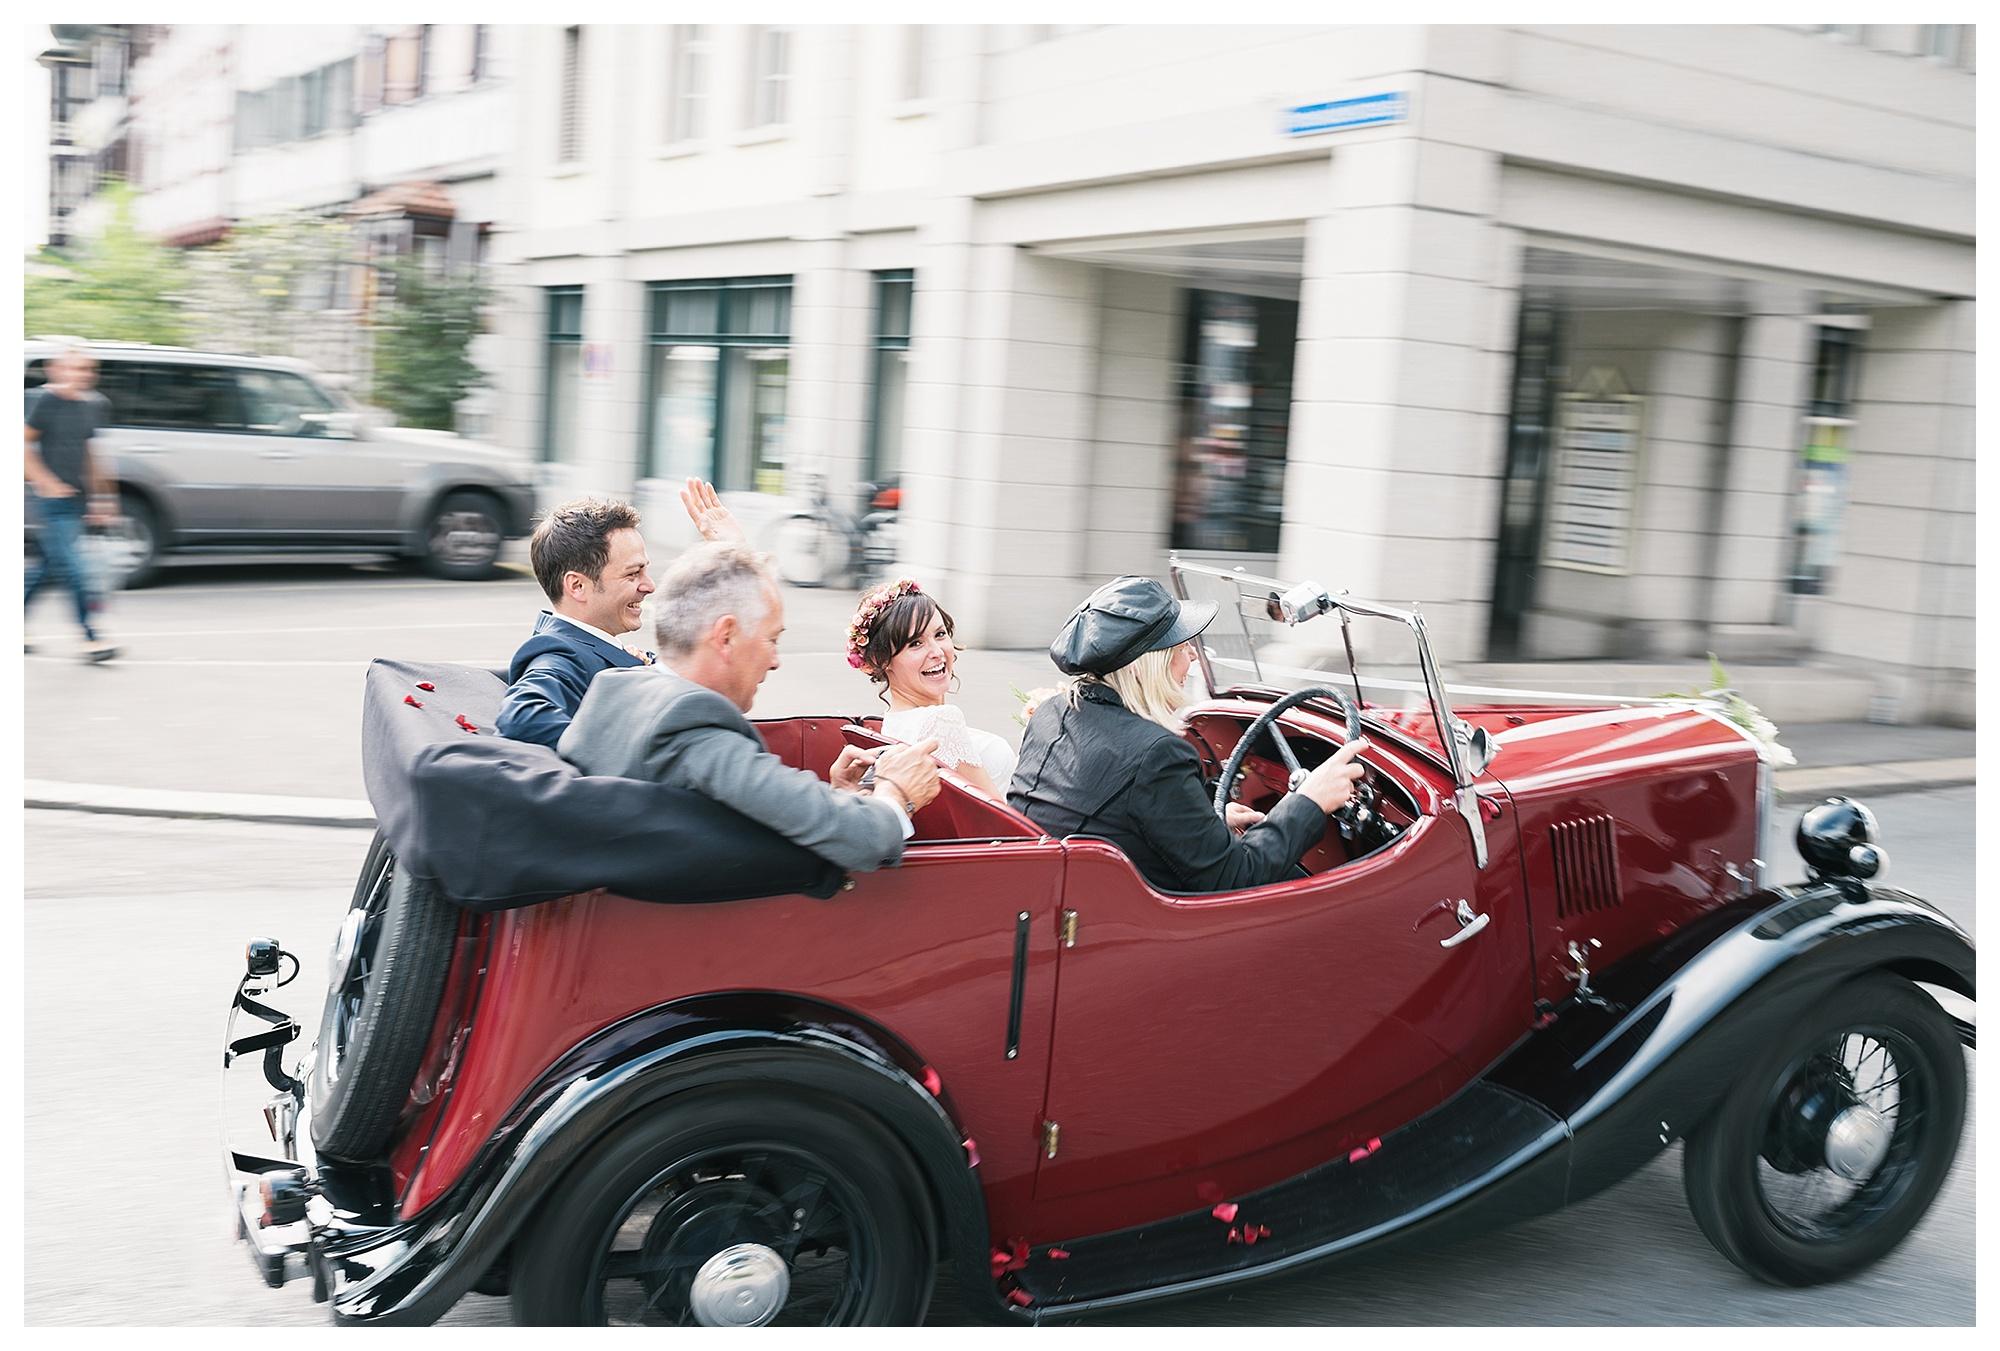 Fotograf Konstanz - Best of 2014 Elmar Feuerbacher Photography Hochzeit Portrait 046 - Rückblick auf 2014  - 47 -